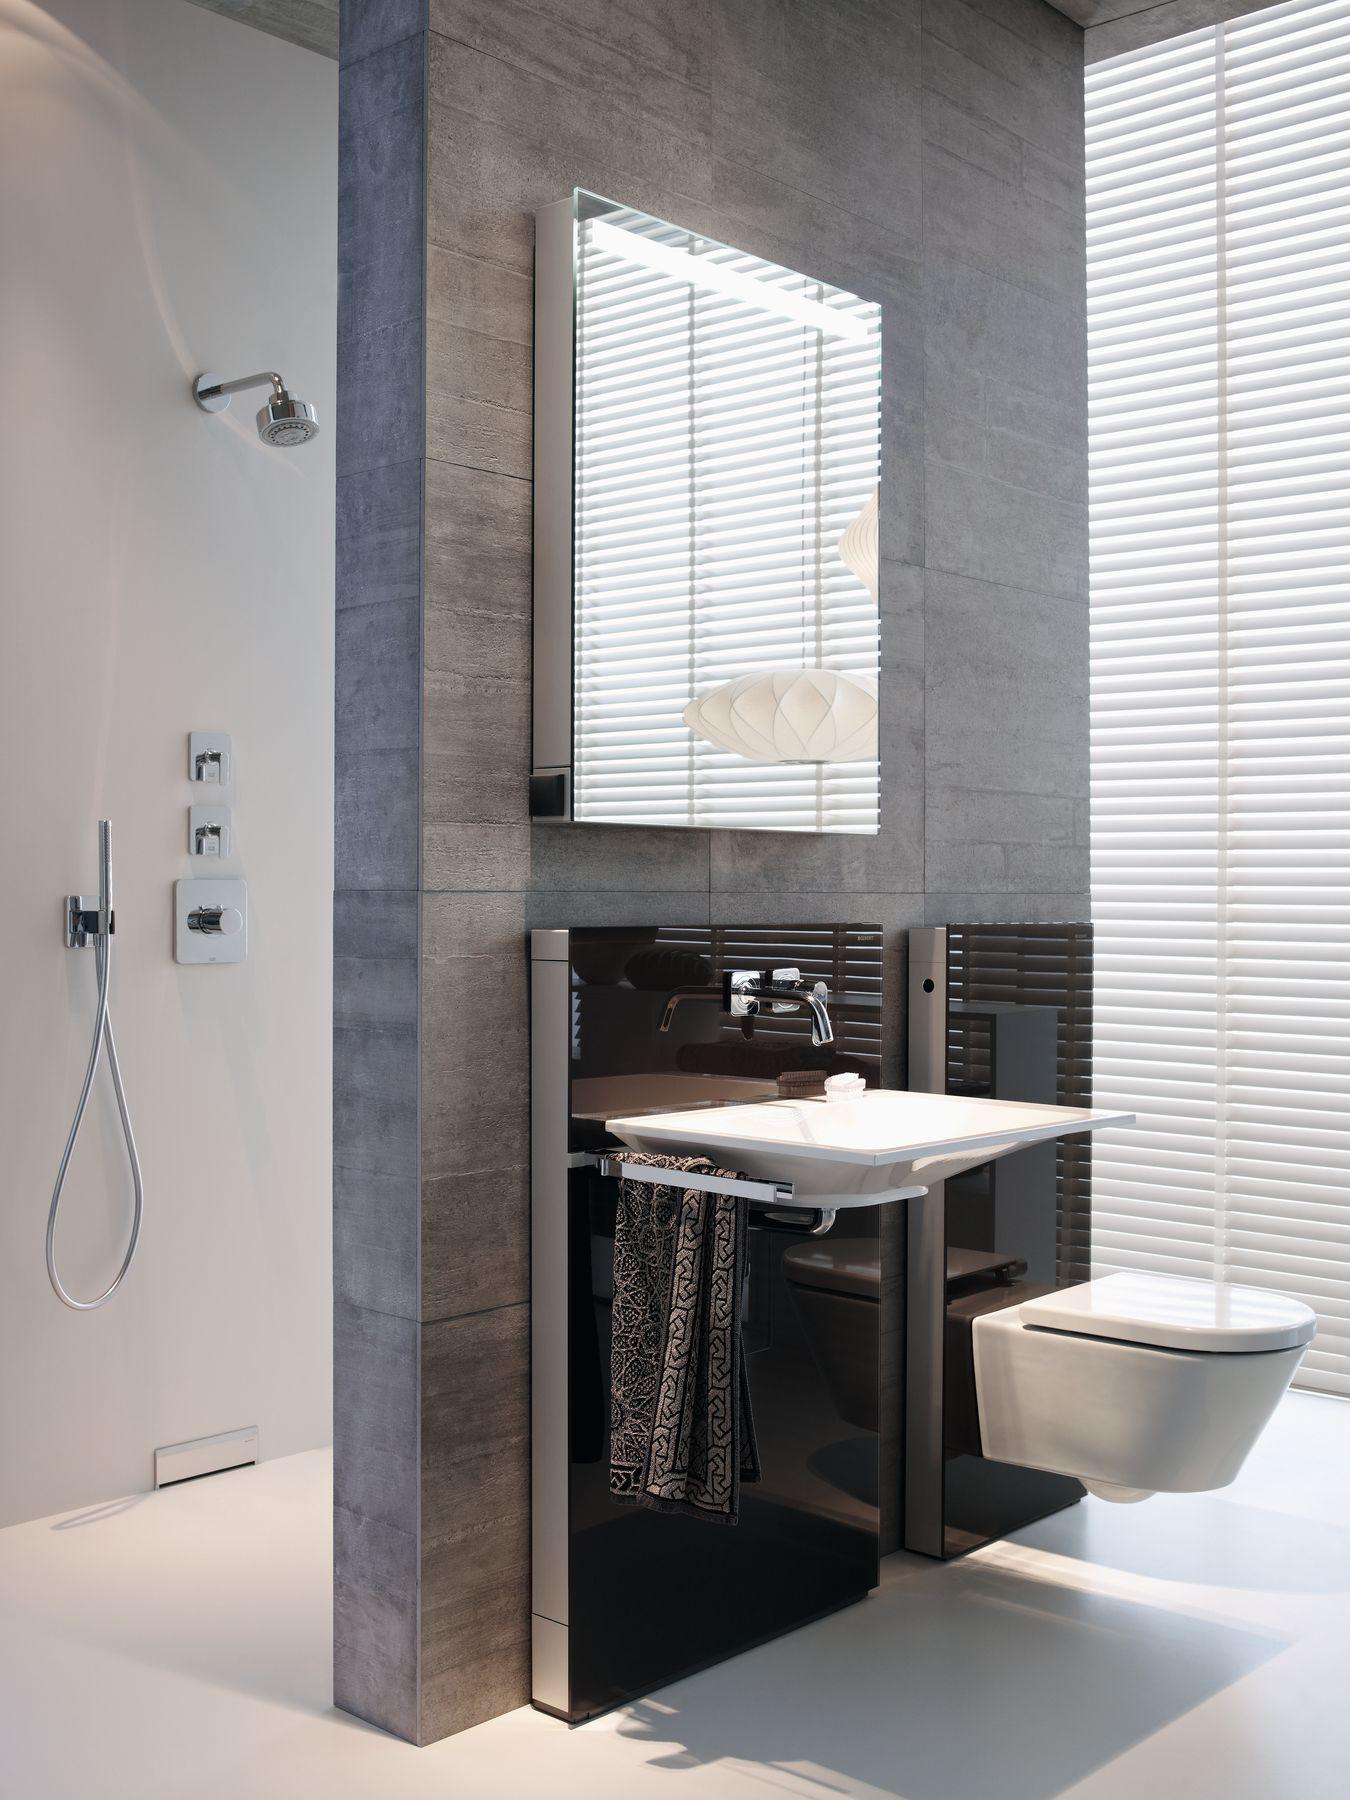 stijlvolle badkamer met designmodule voor wastafel toilet